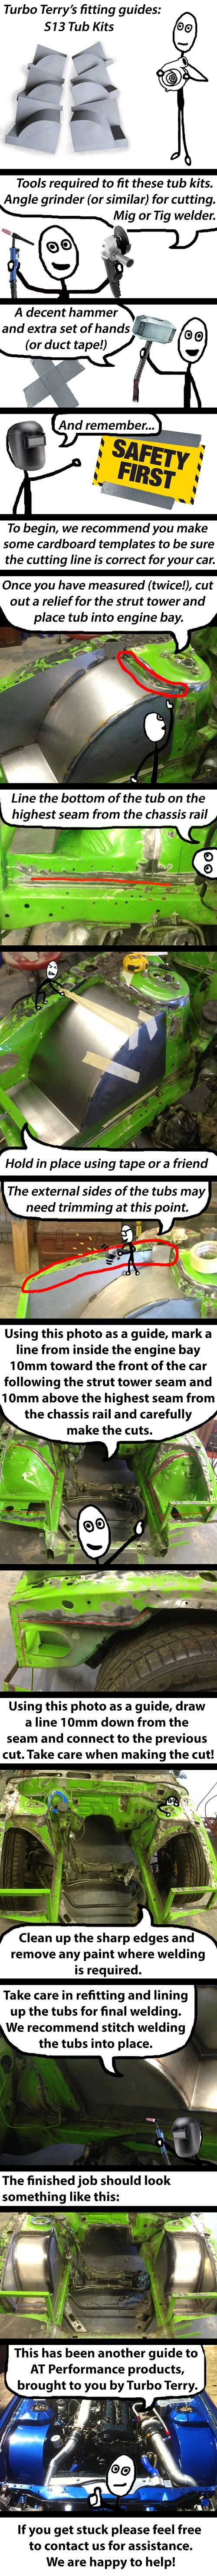 Turbo terry guide Tub kits